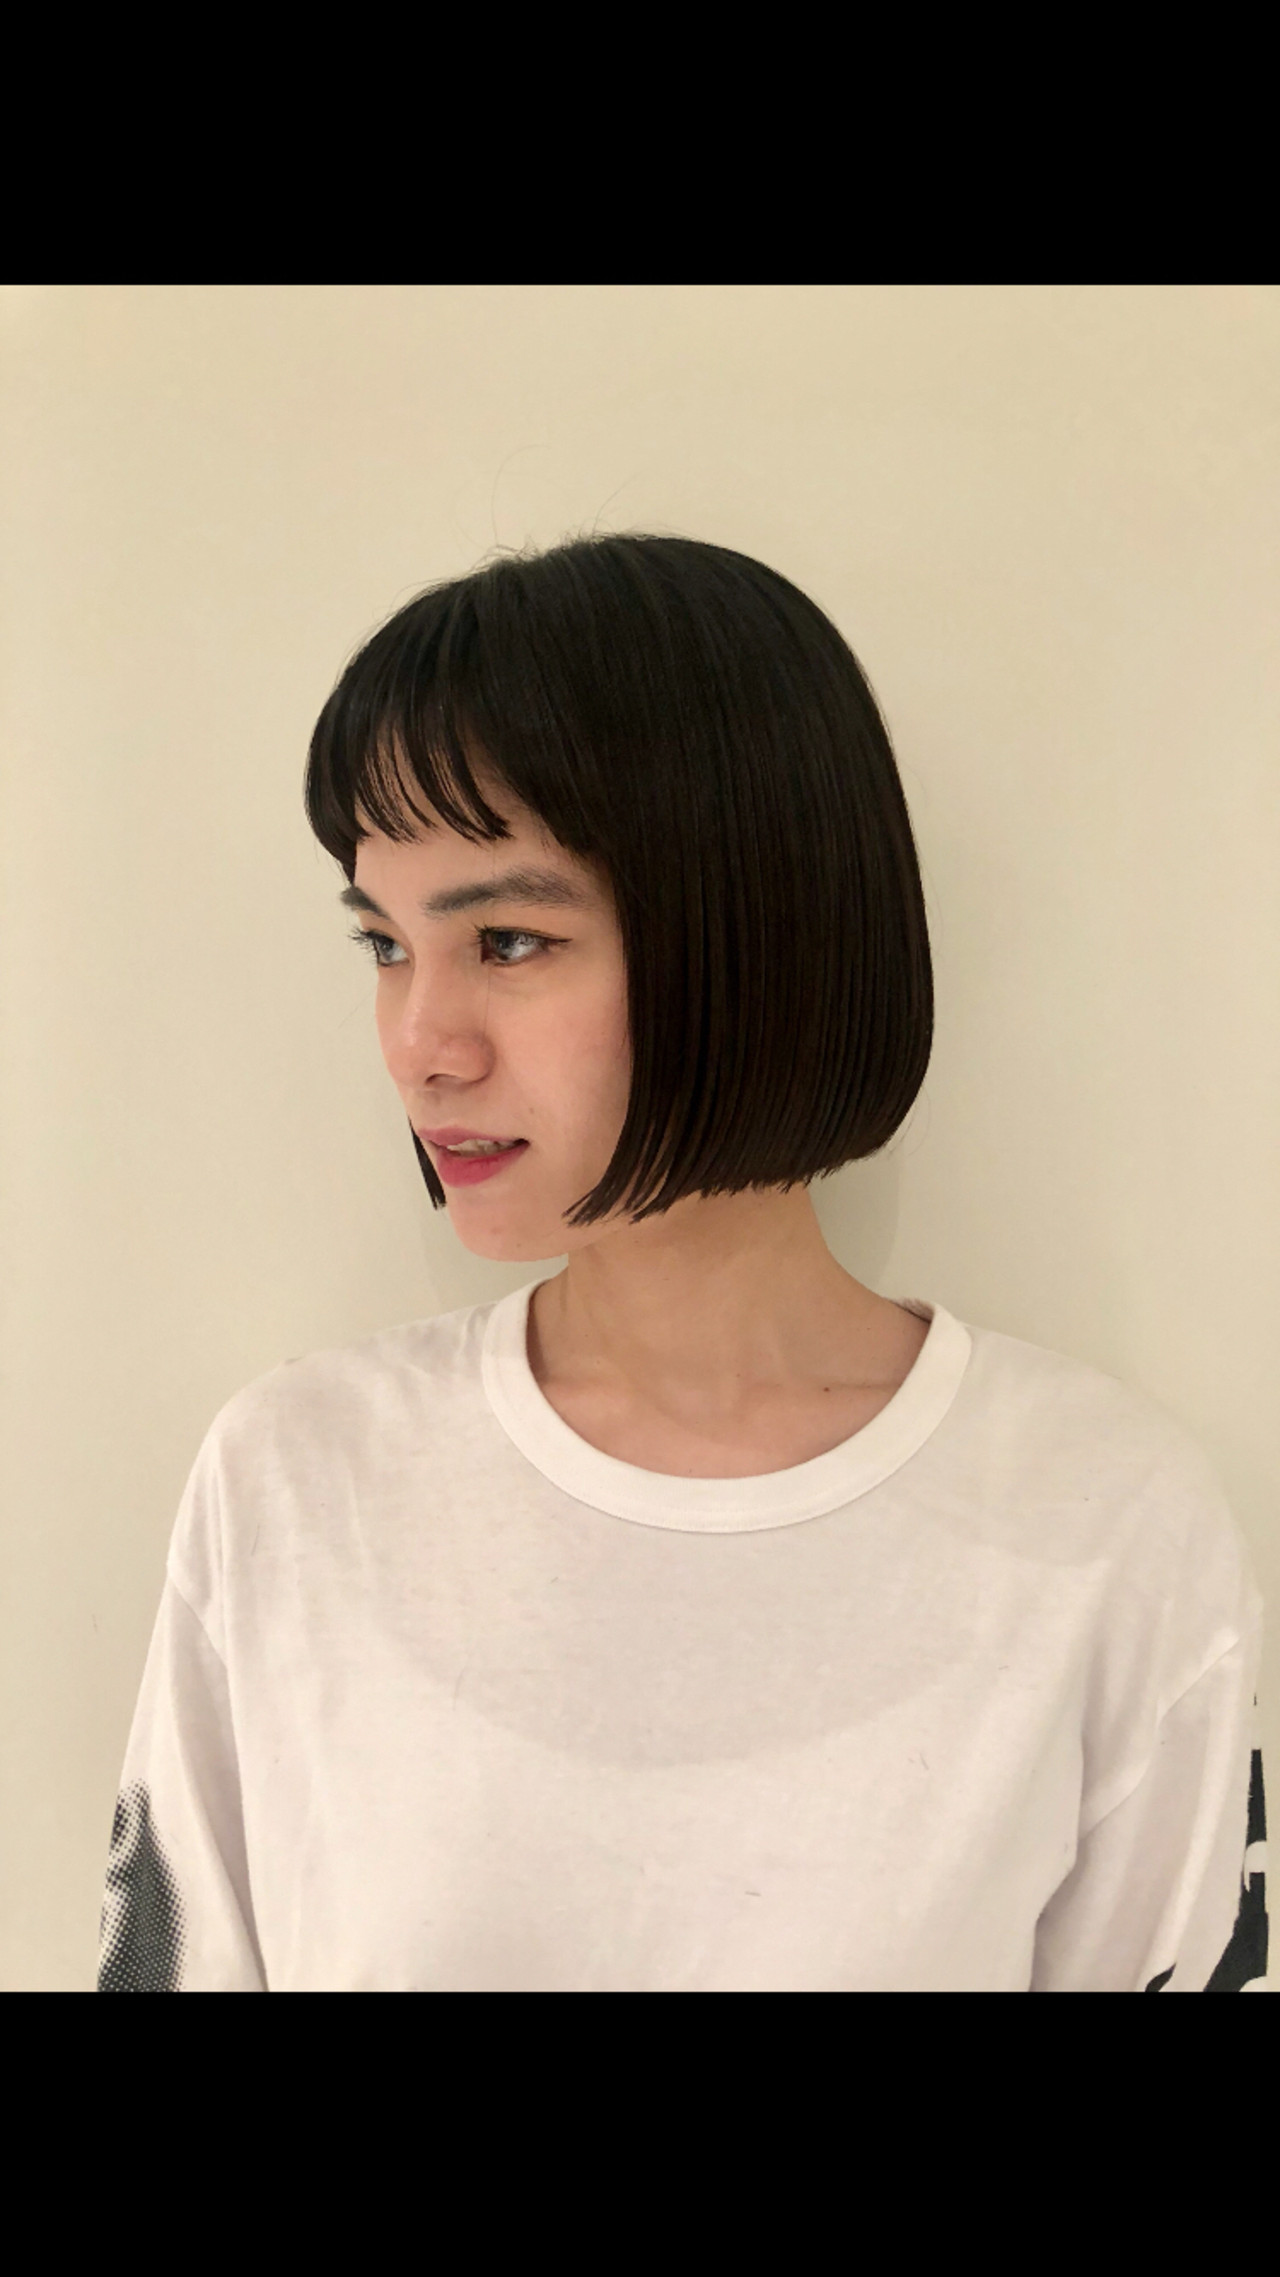 切りっぱなしボブ 黒髪 ぱっつん ミニボブ ヘアスタイルや髪型の写真・画像